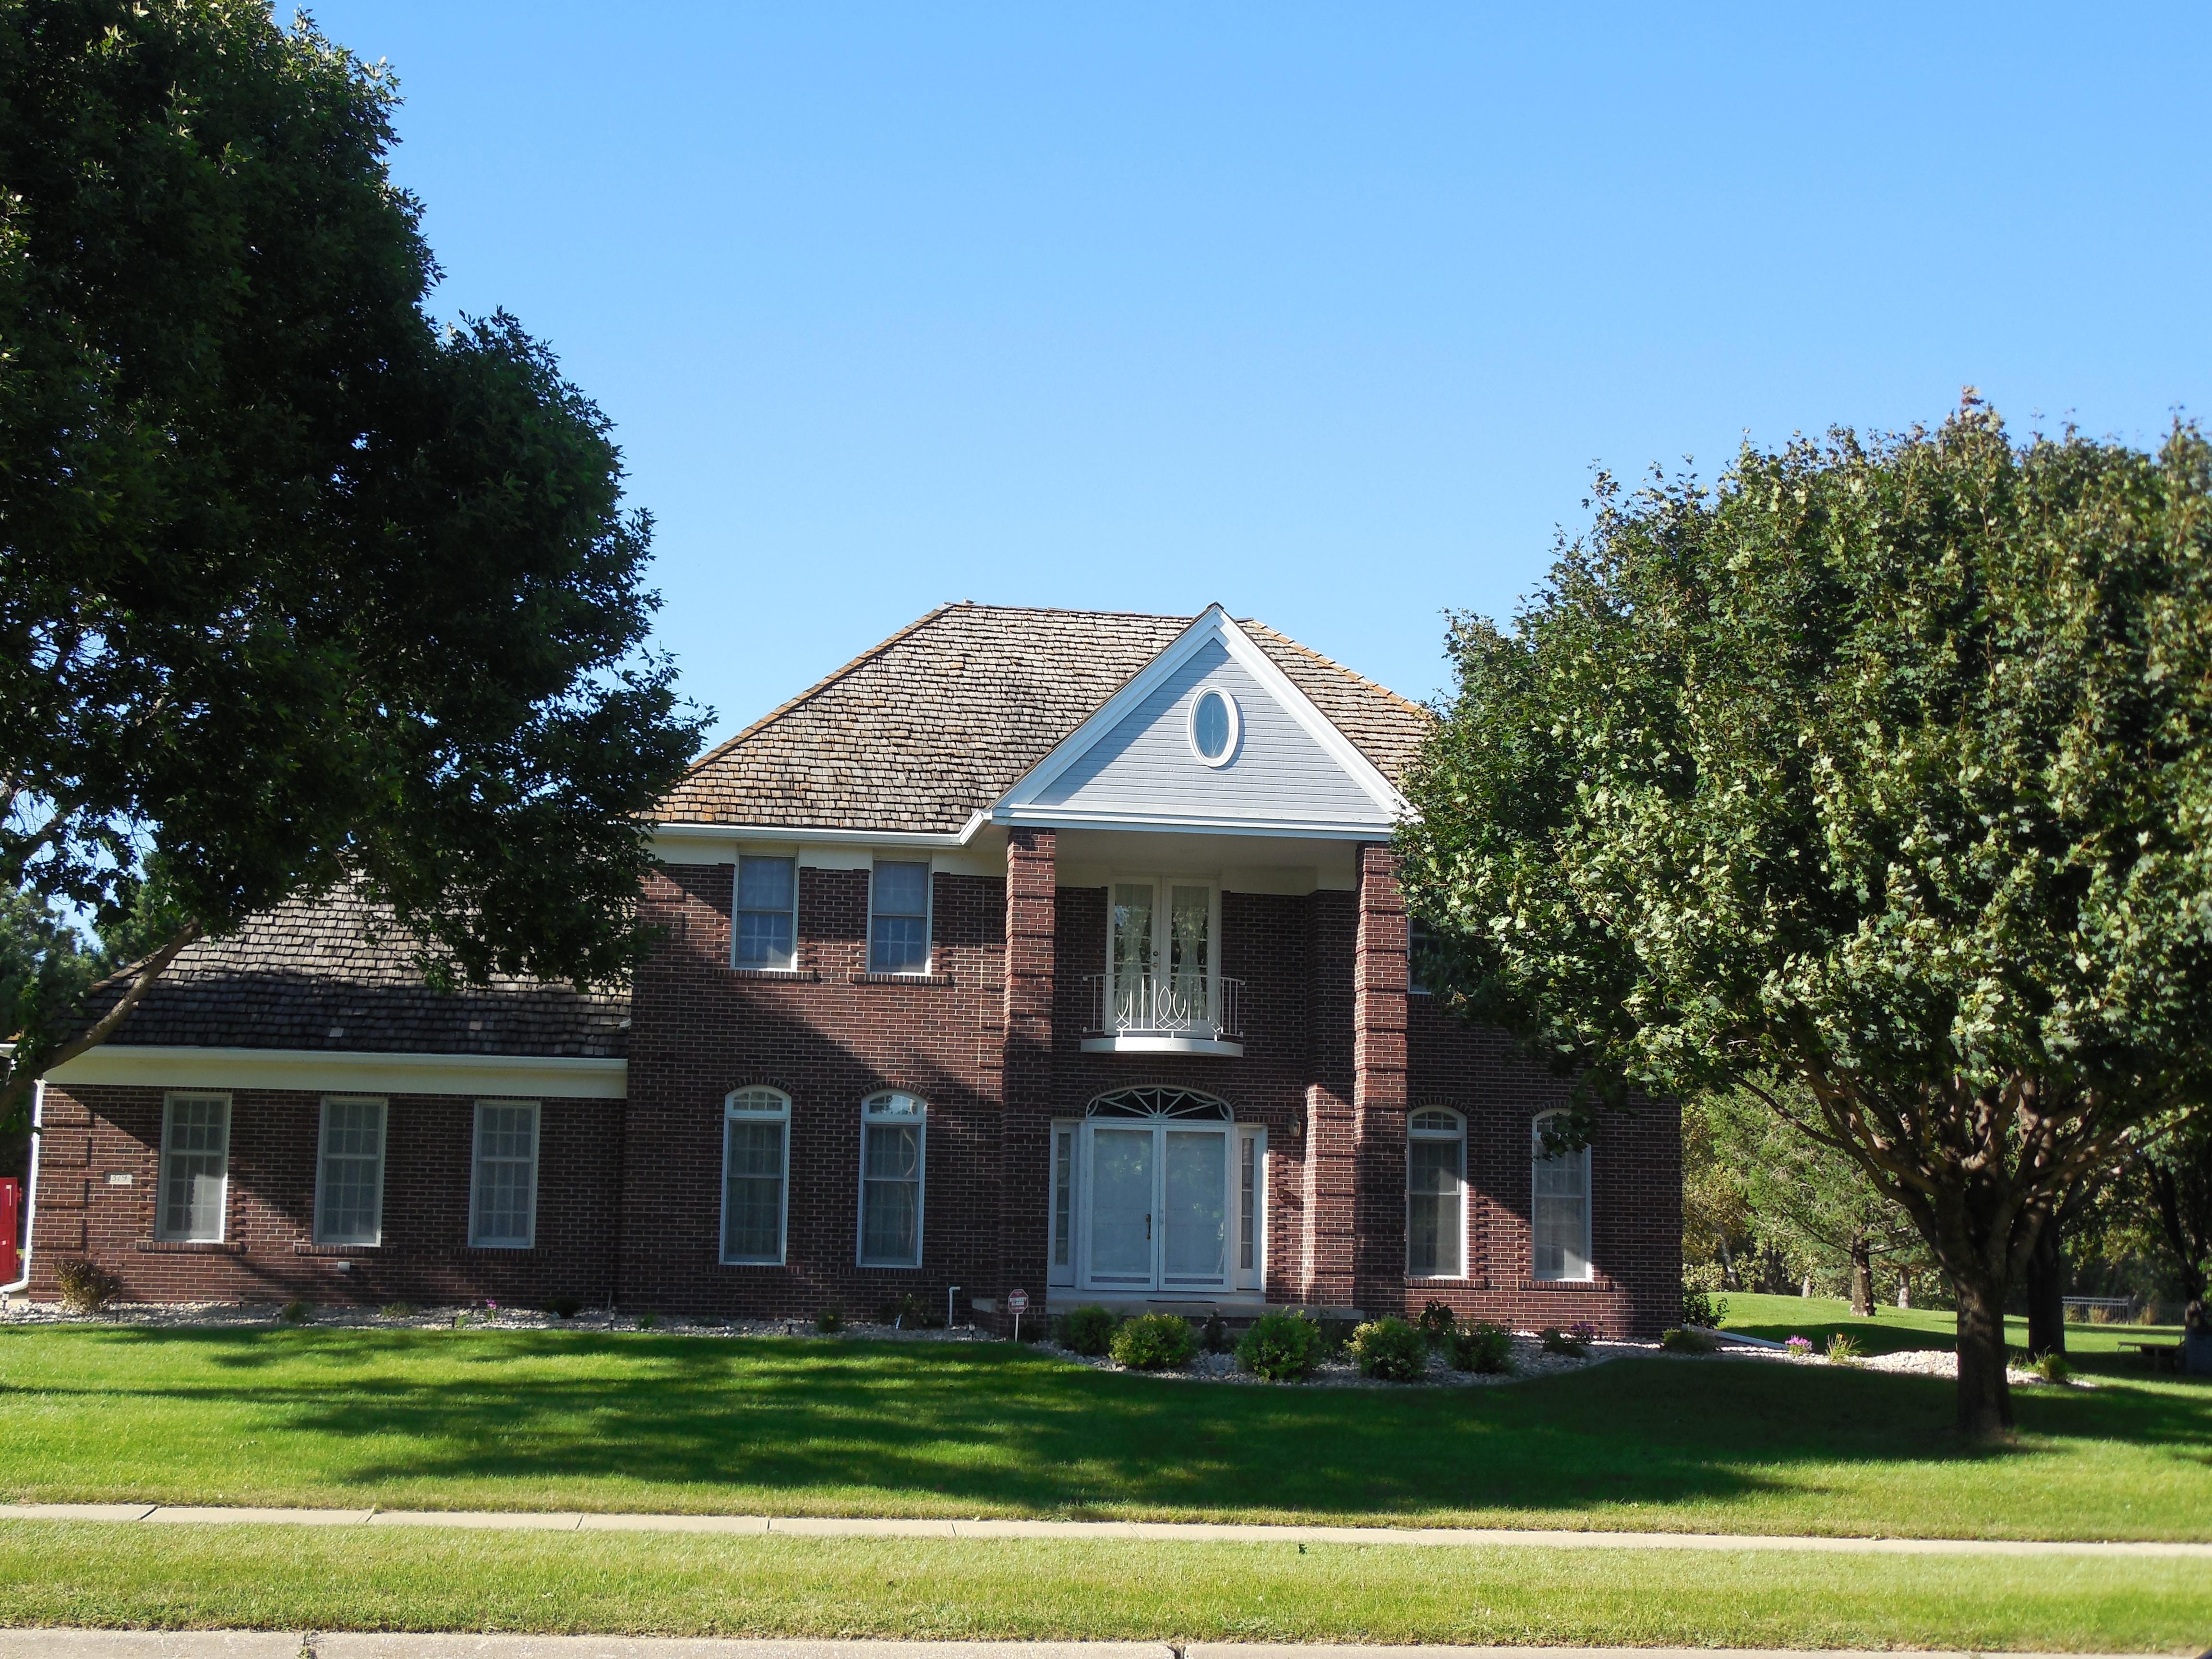 1379 Fox Ridge Trail, Sioux City, Iowa 51104